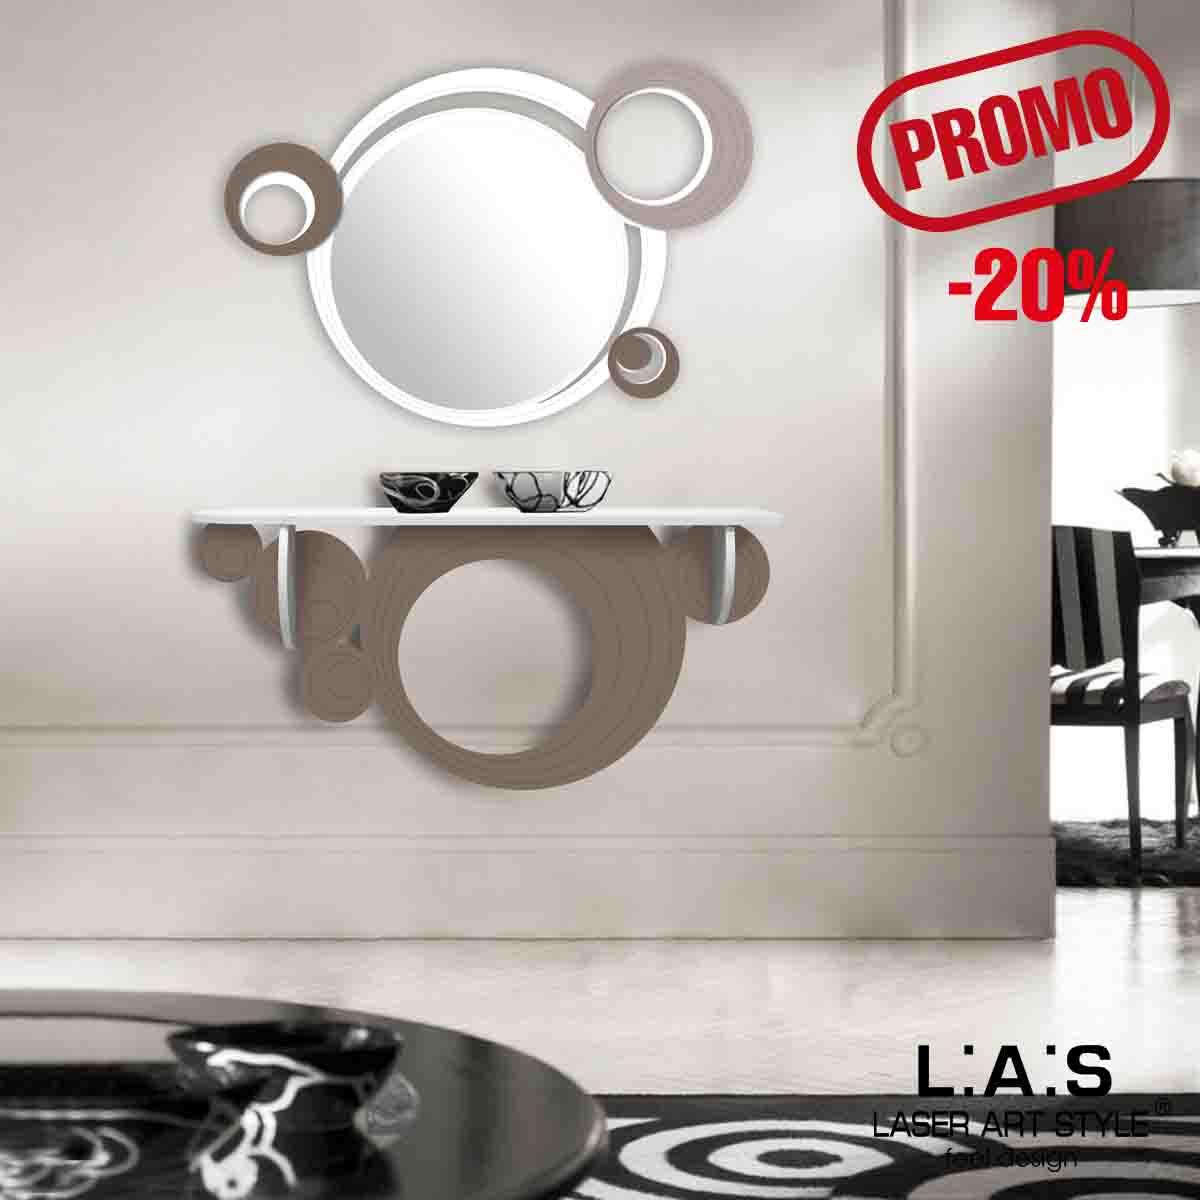 L:A:S - Laser Art Style - SPECCHIERA DESIGN MODERNO SI-296 BIANCO-GRIGIO MARRONE-TORTORA